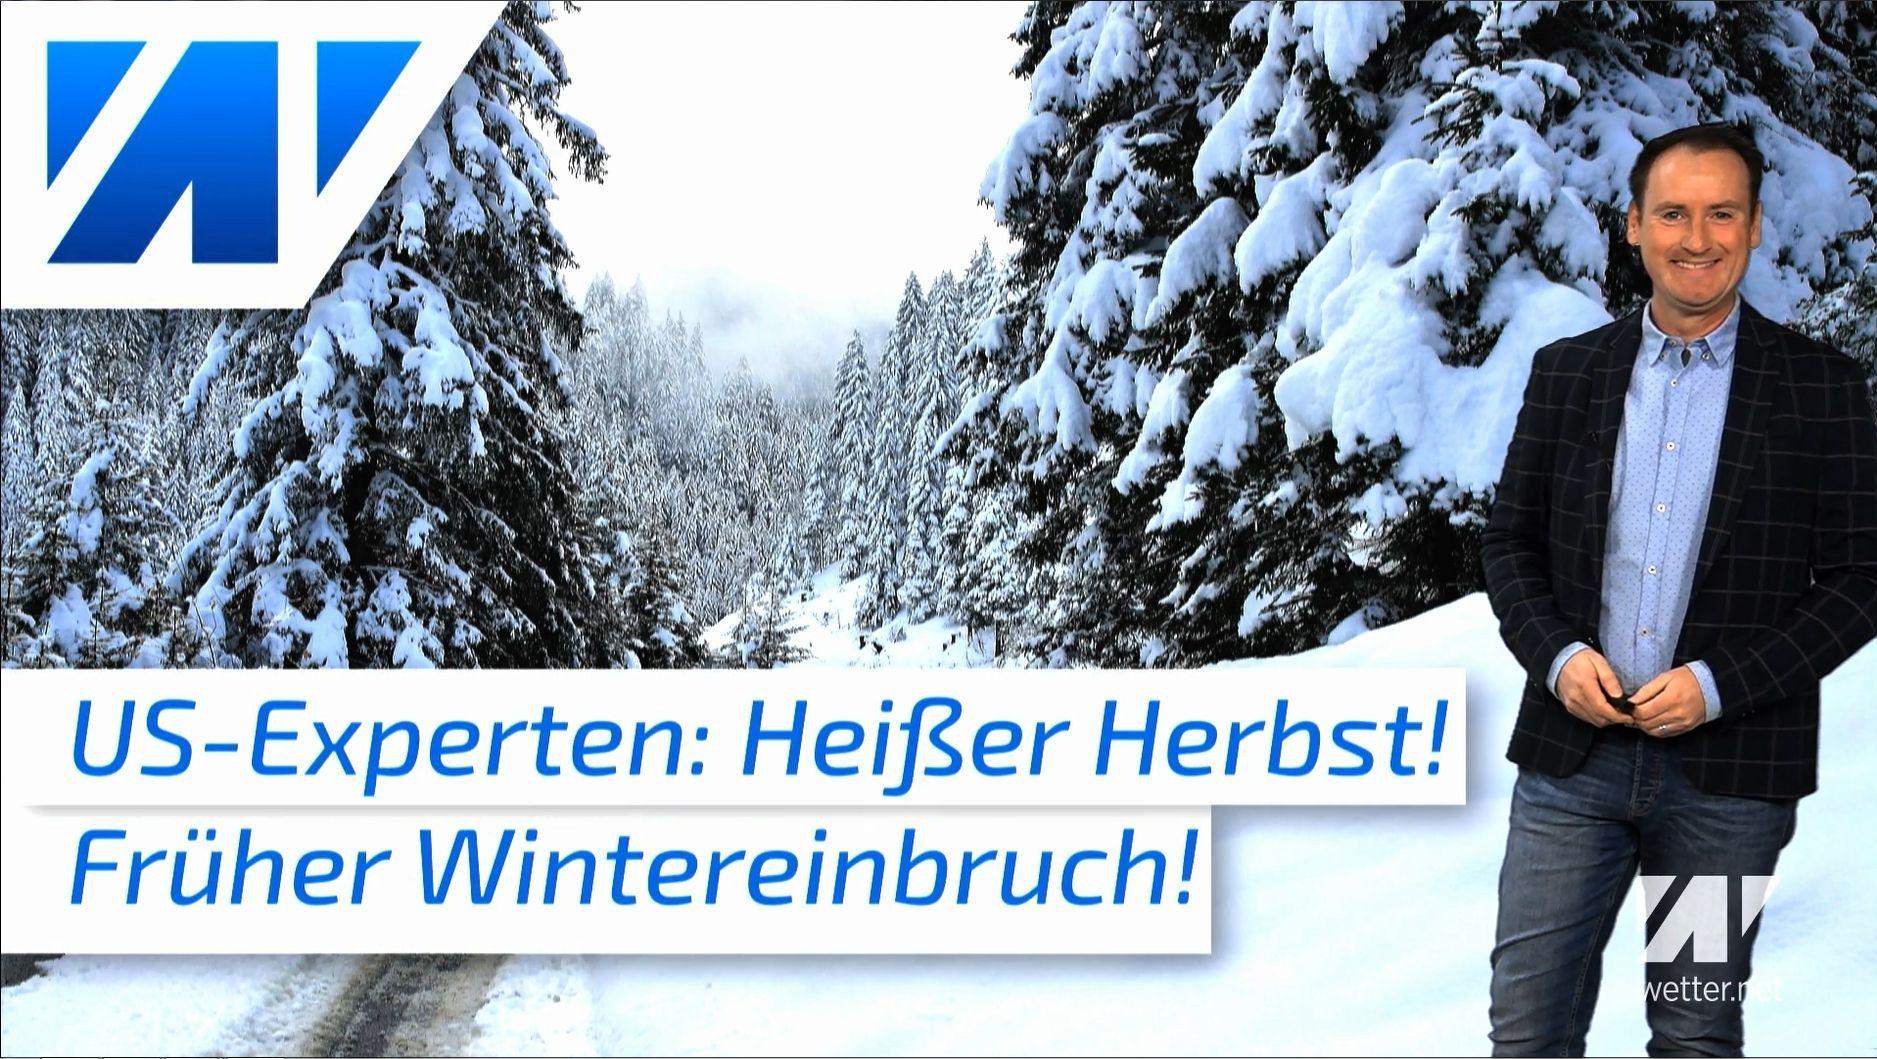 US-Experten warnen vor frühem Wintereinbruch in Deutschland!